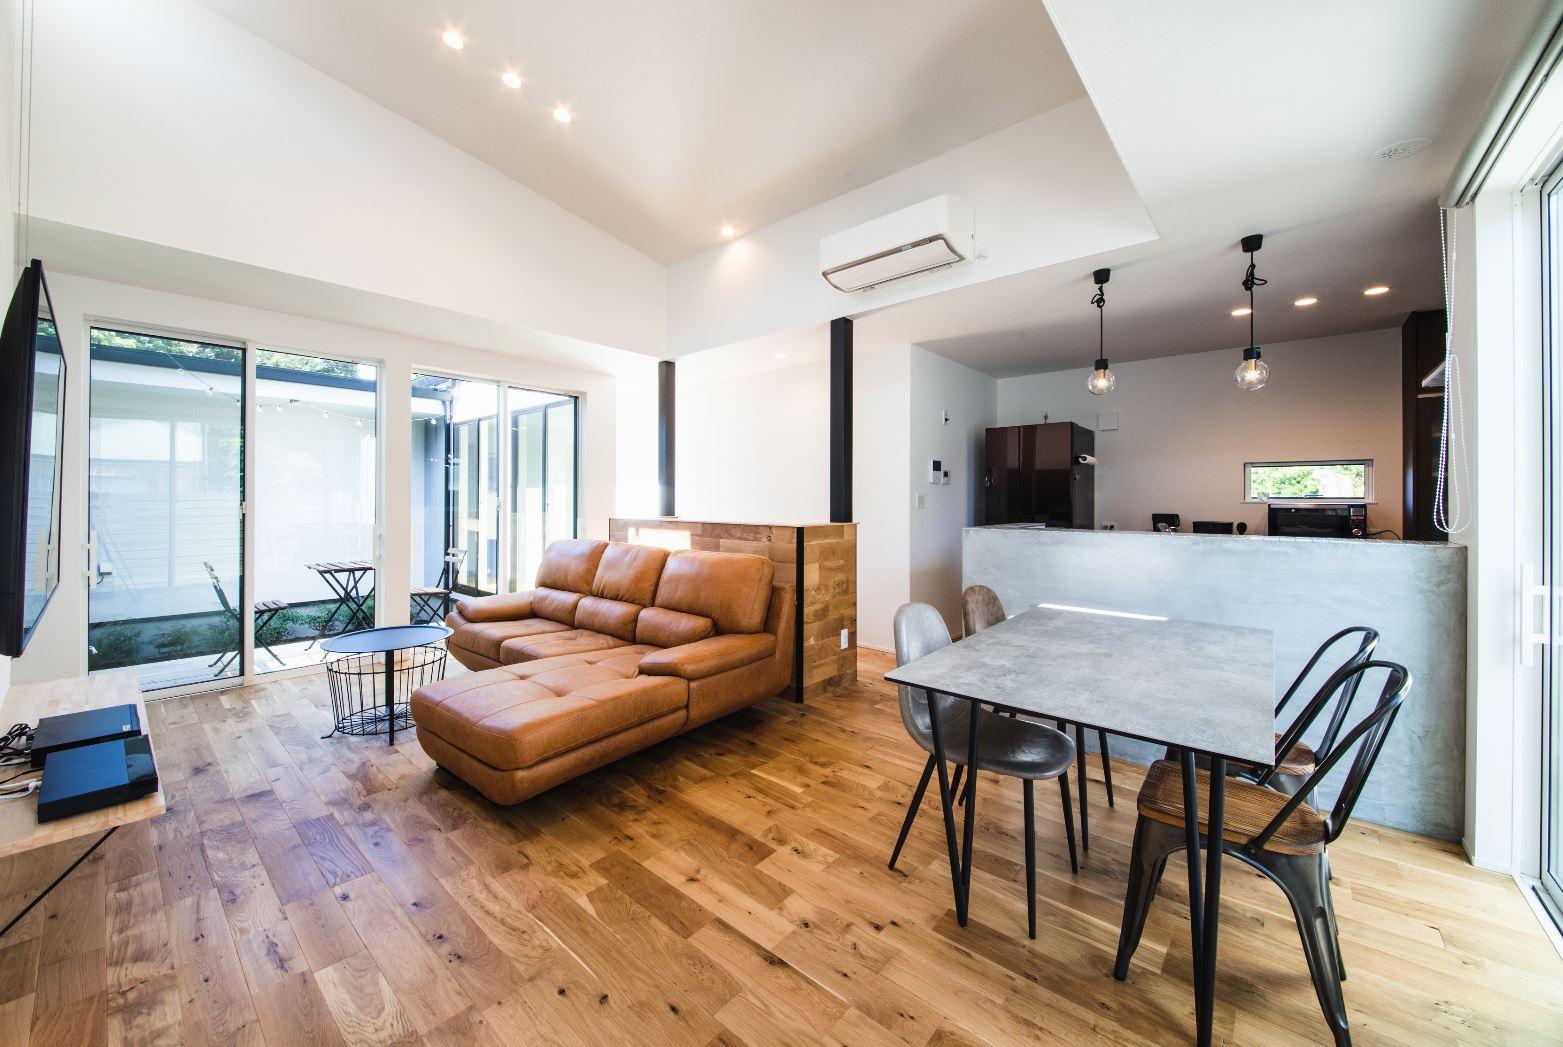 S.CONNECT(エスコネクト)【デザイン住宅、建築家、平屋】窓を開けると気持ちのいい風が部屋に入り、周囲の目を気にせず、のんびりくつろげる